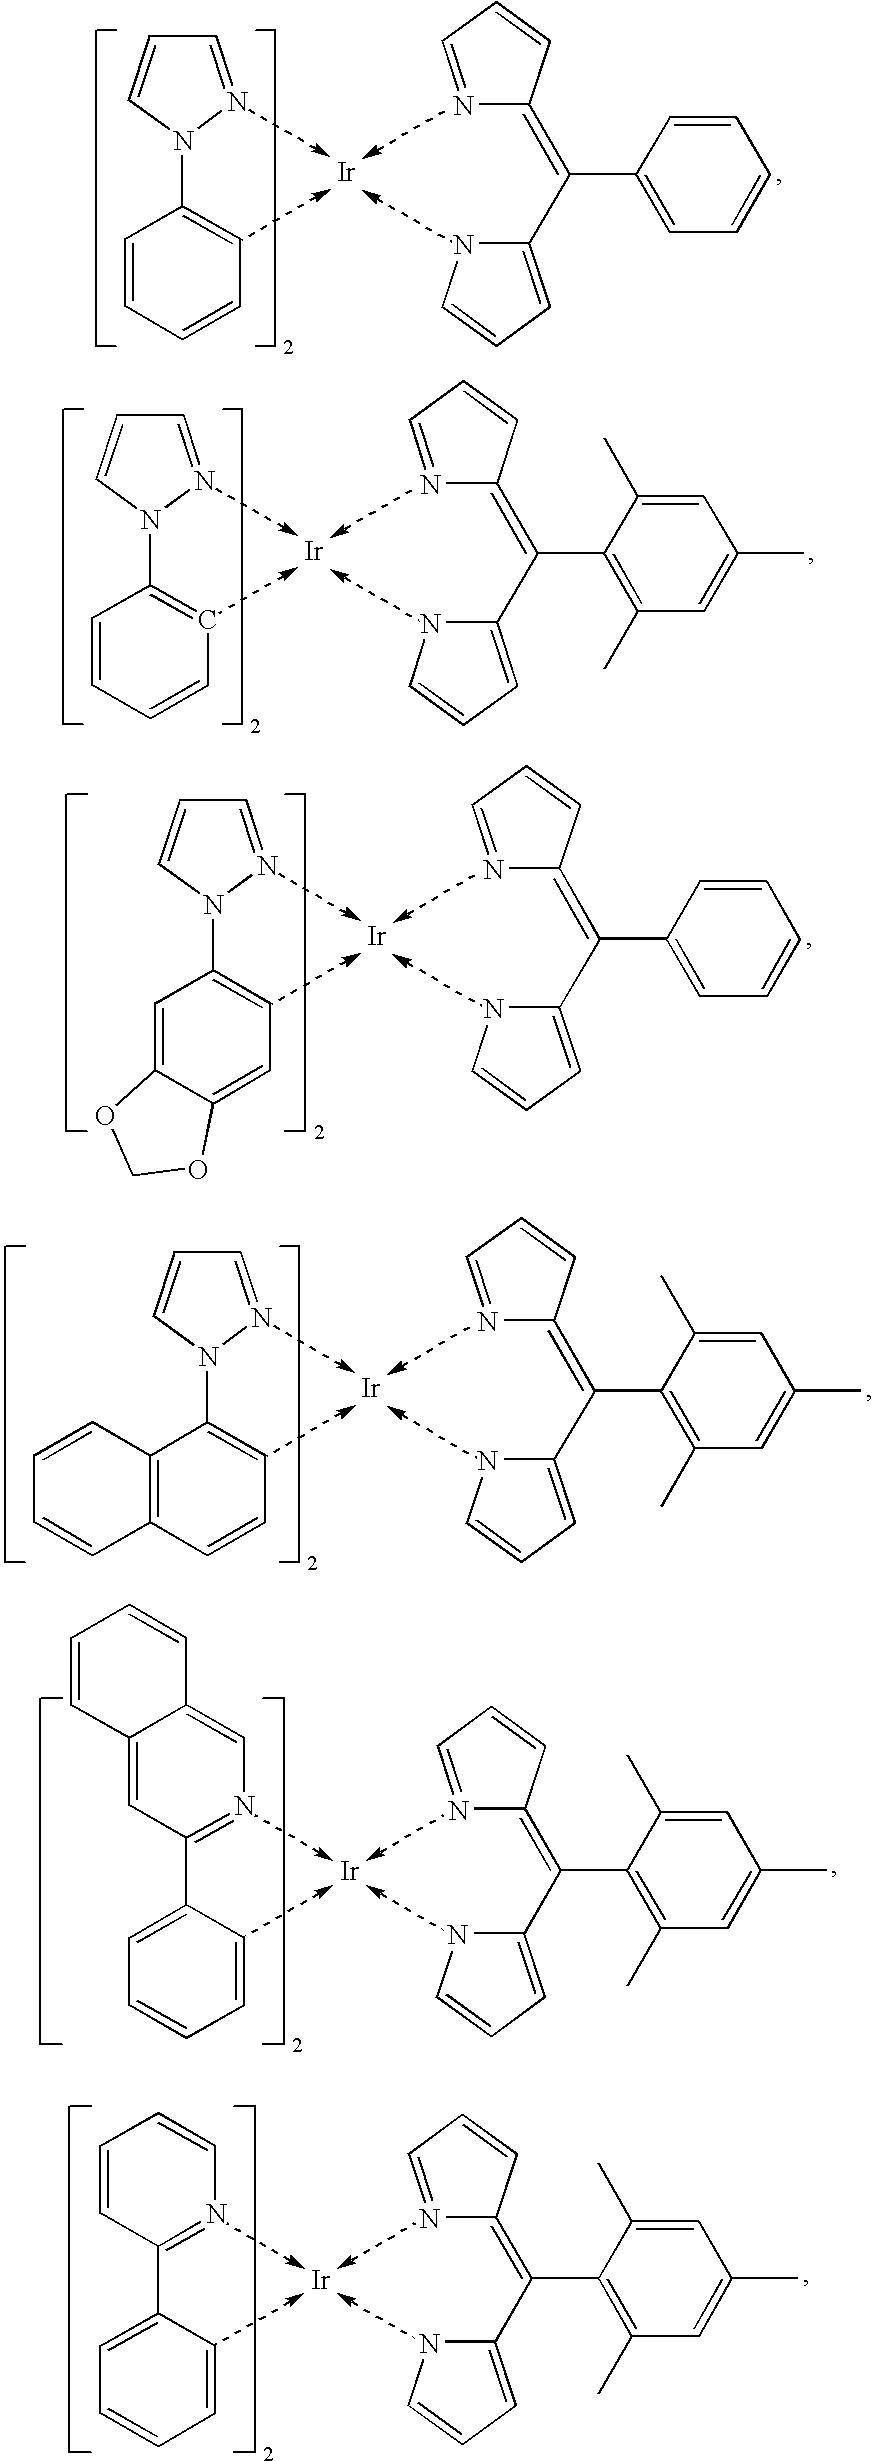 Figure US20080061681A1-20080313-C00040